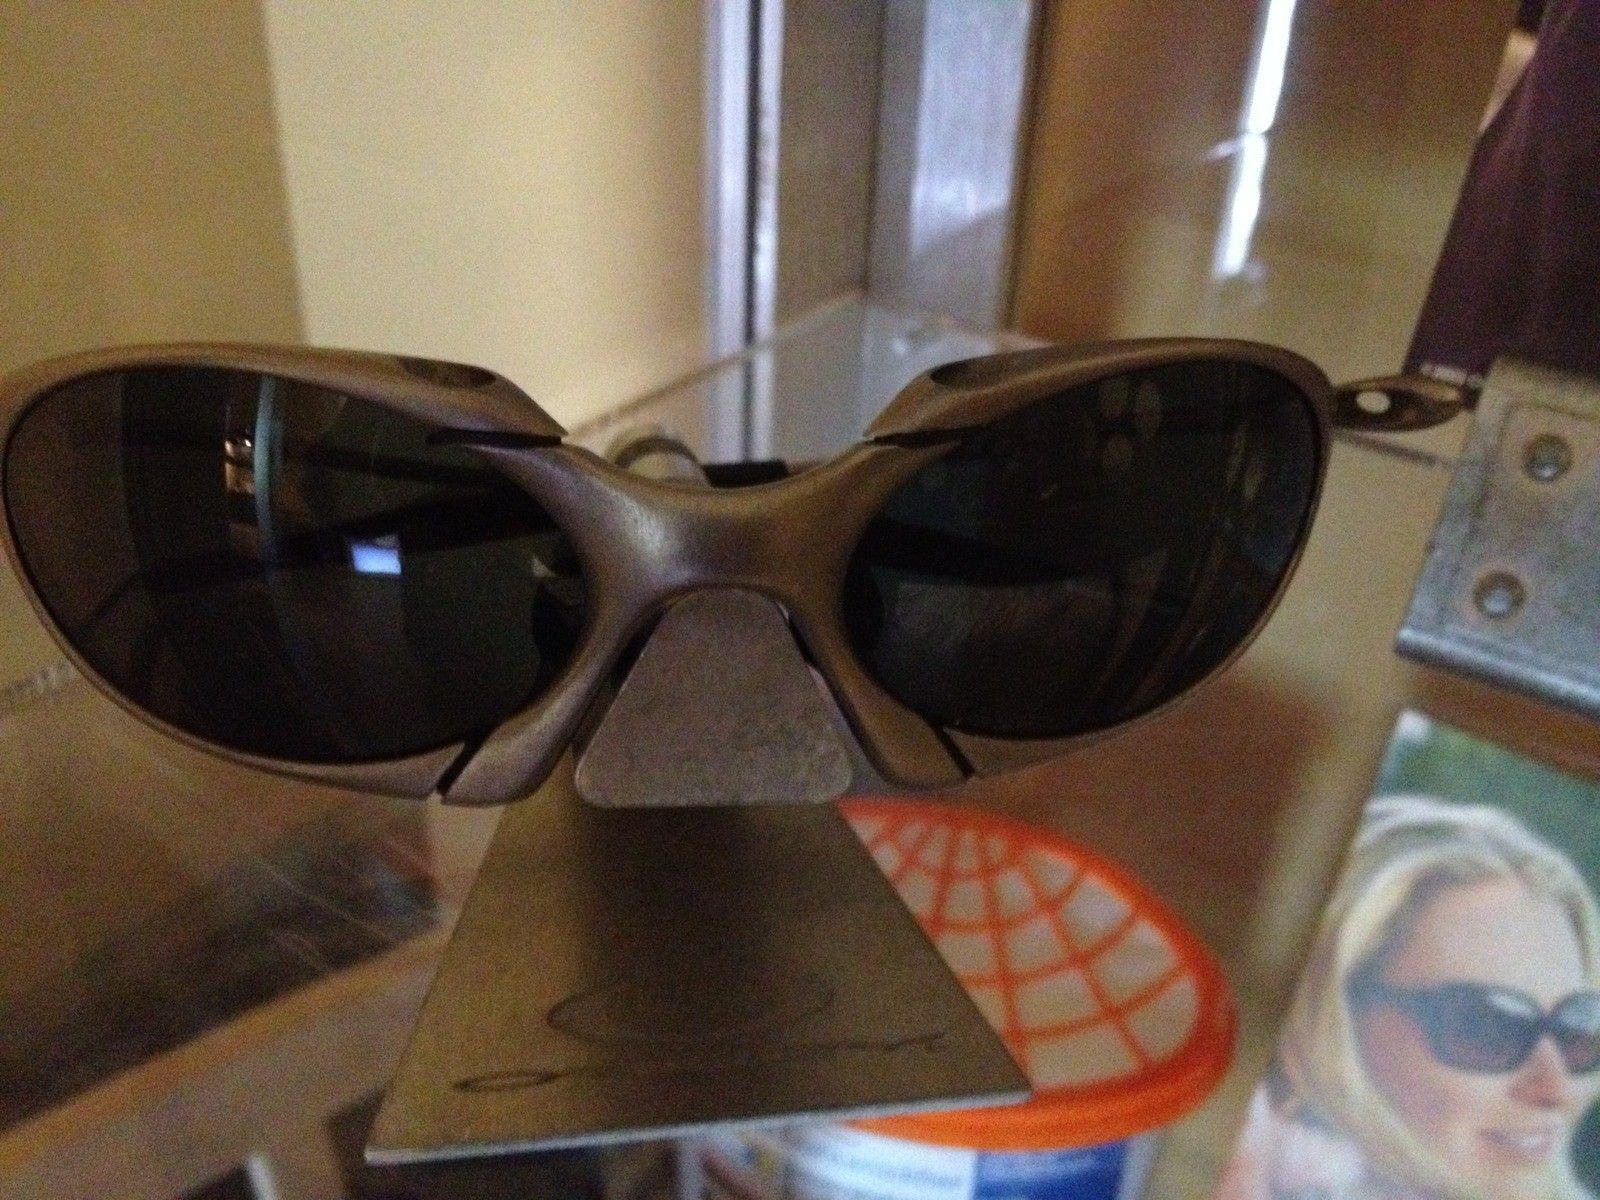 WTT Polished Romeo 1 For Shadow Bob Plus Cash - +6v5o8qa_original.jpg